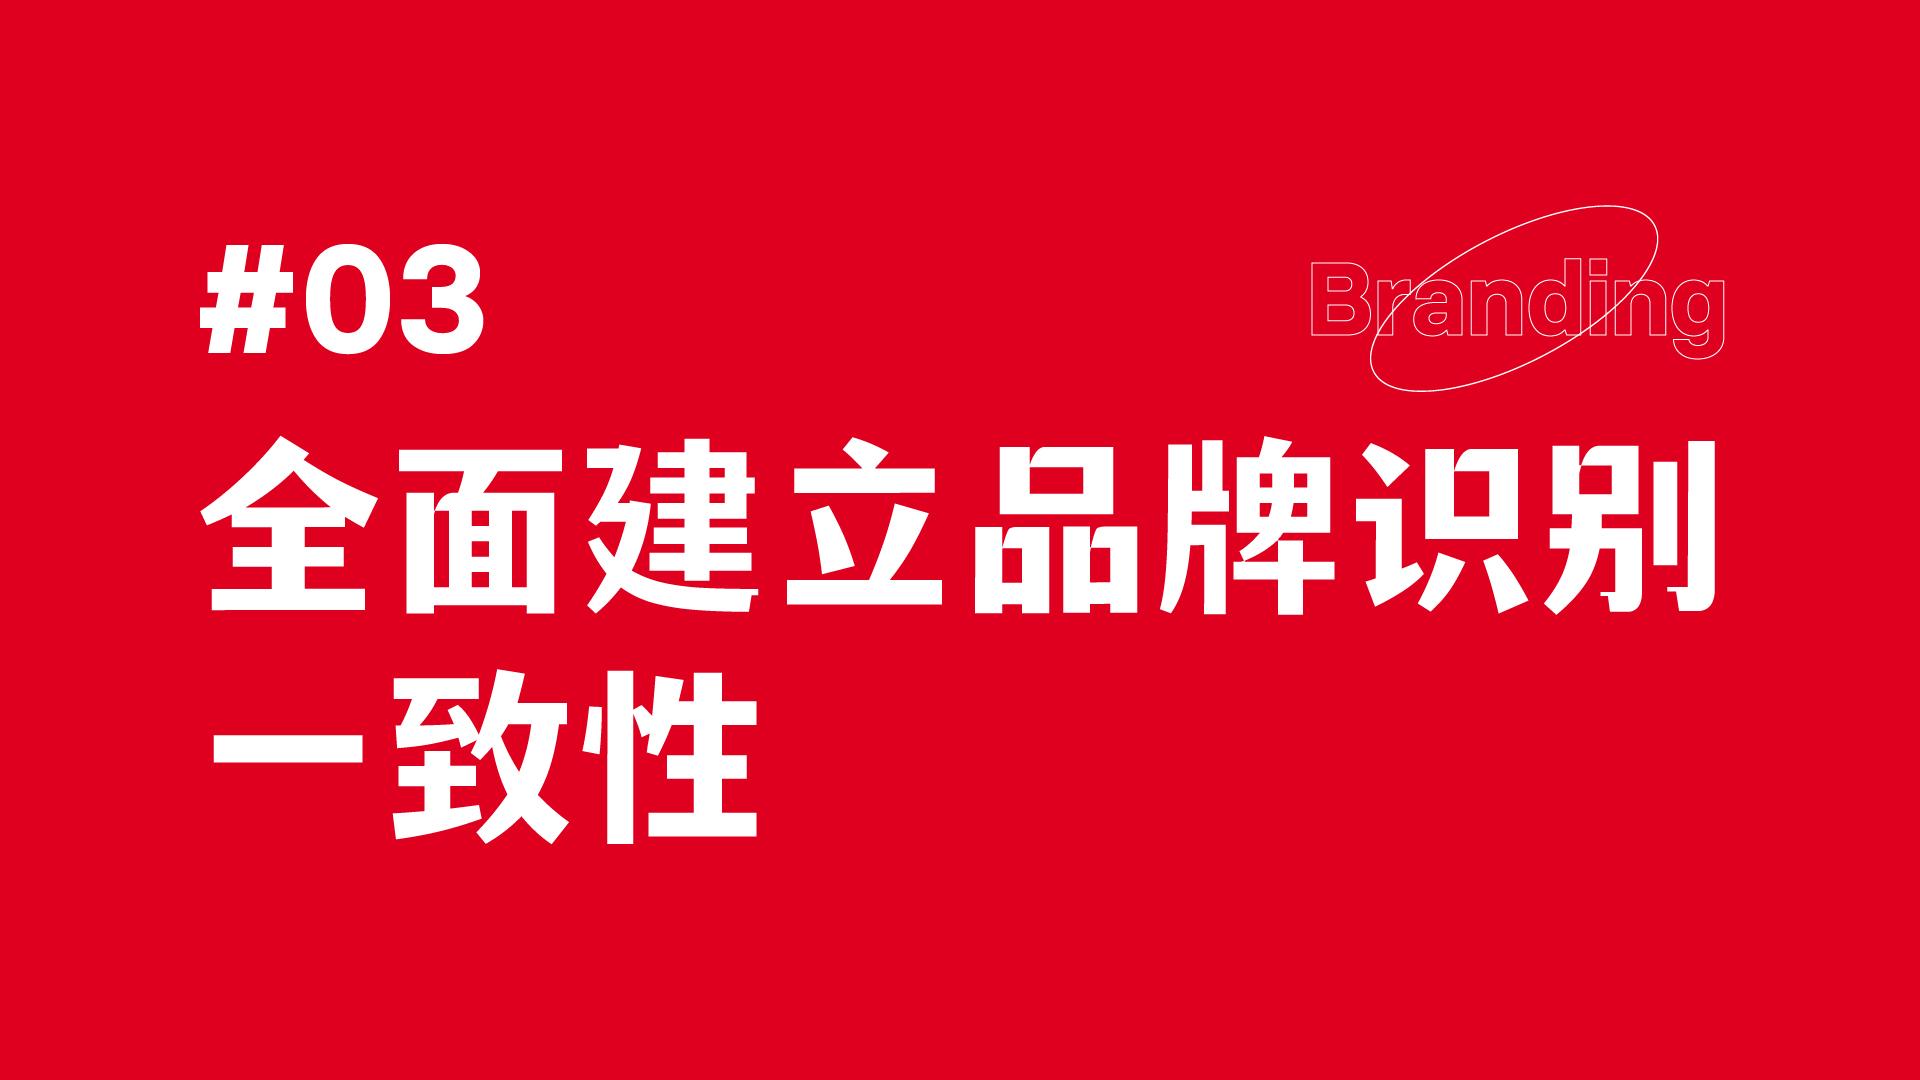 品牌形象就是品牌资产©方法论02-03.jpg